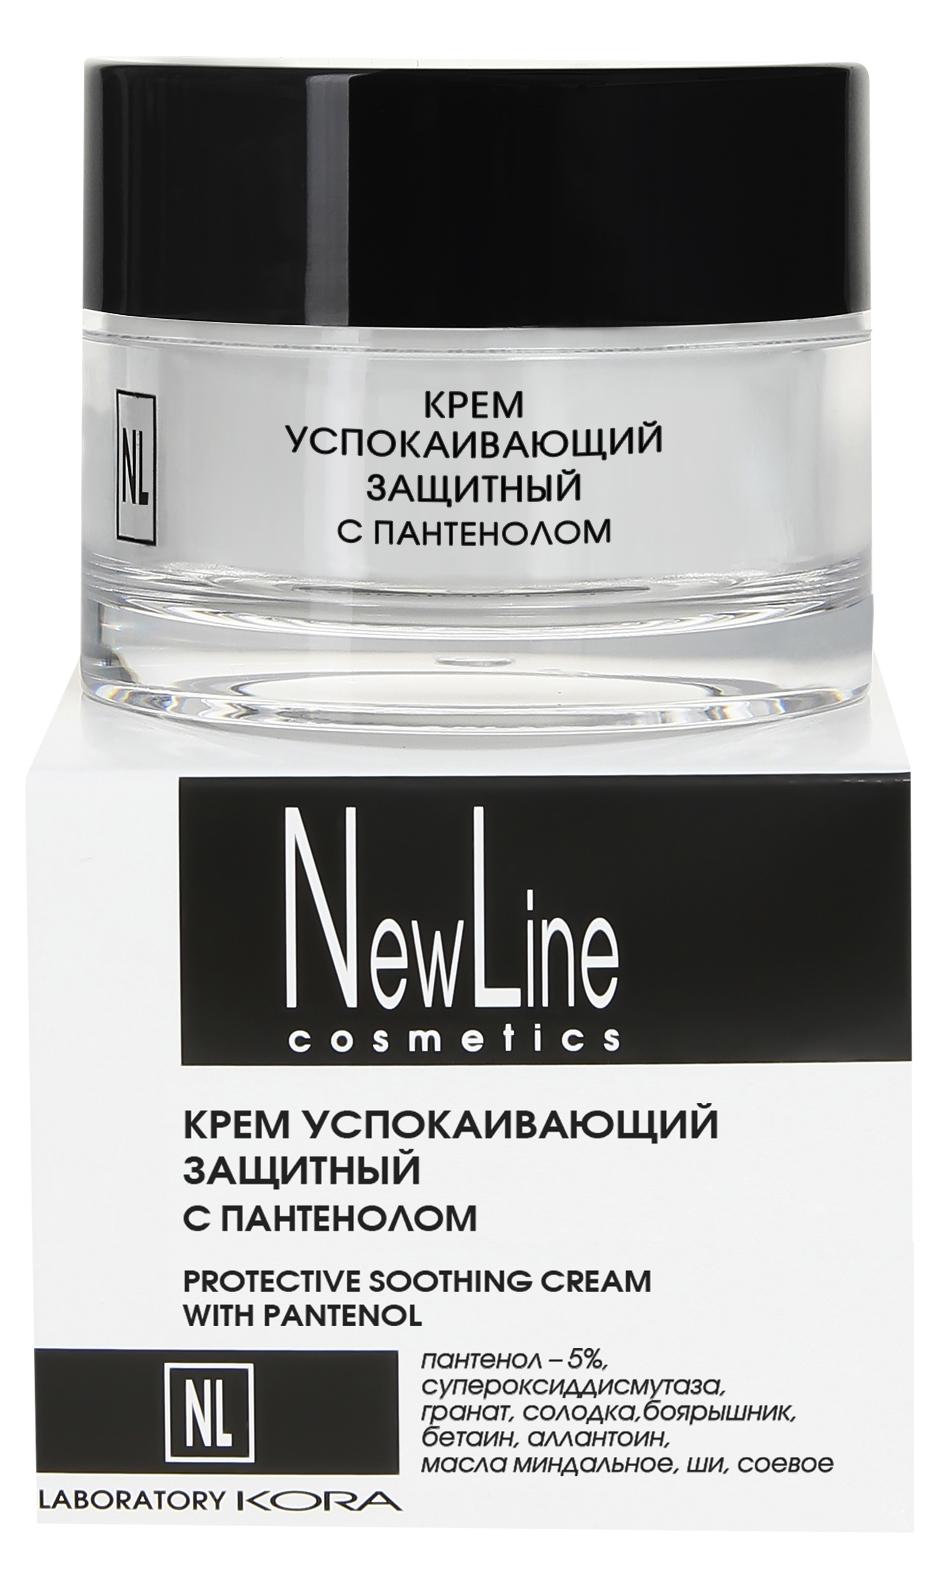 NEW LINE PROFESSIONAL Крем успокаивающий защитный с пантенолом 50мл